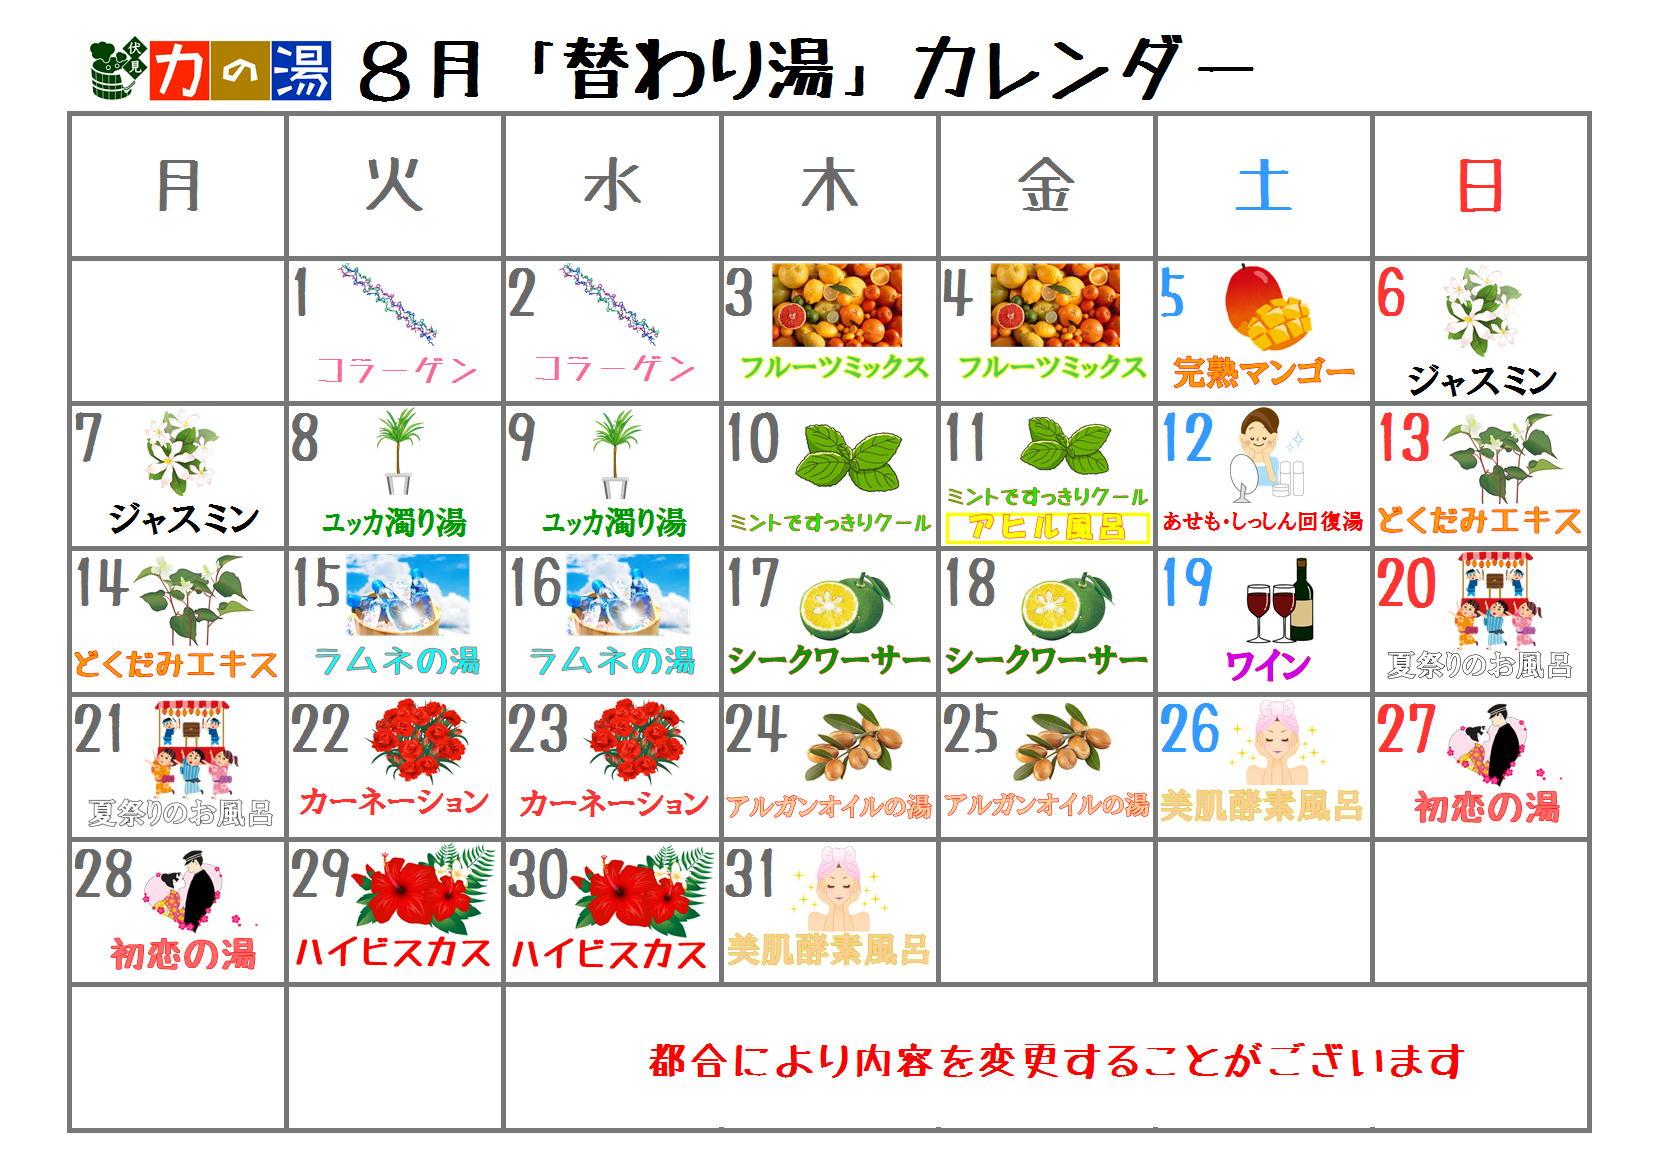 8月日替わり湯カレンダー